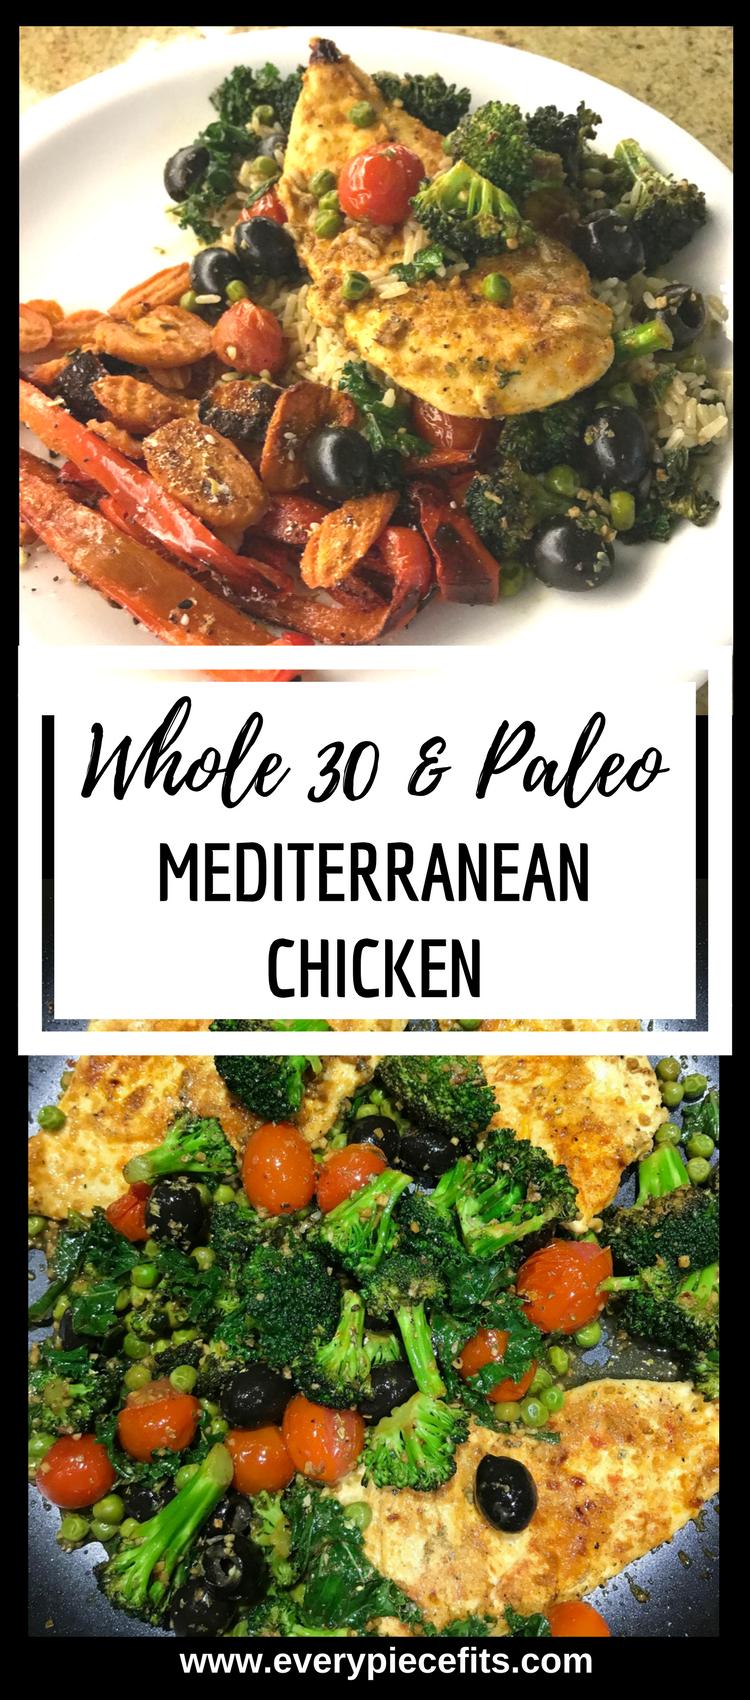 Whole 30 Mediterranean Chicken.png